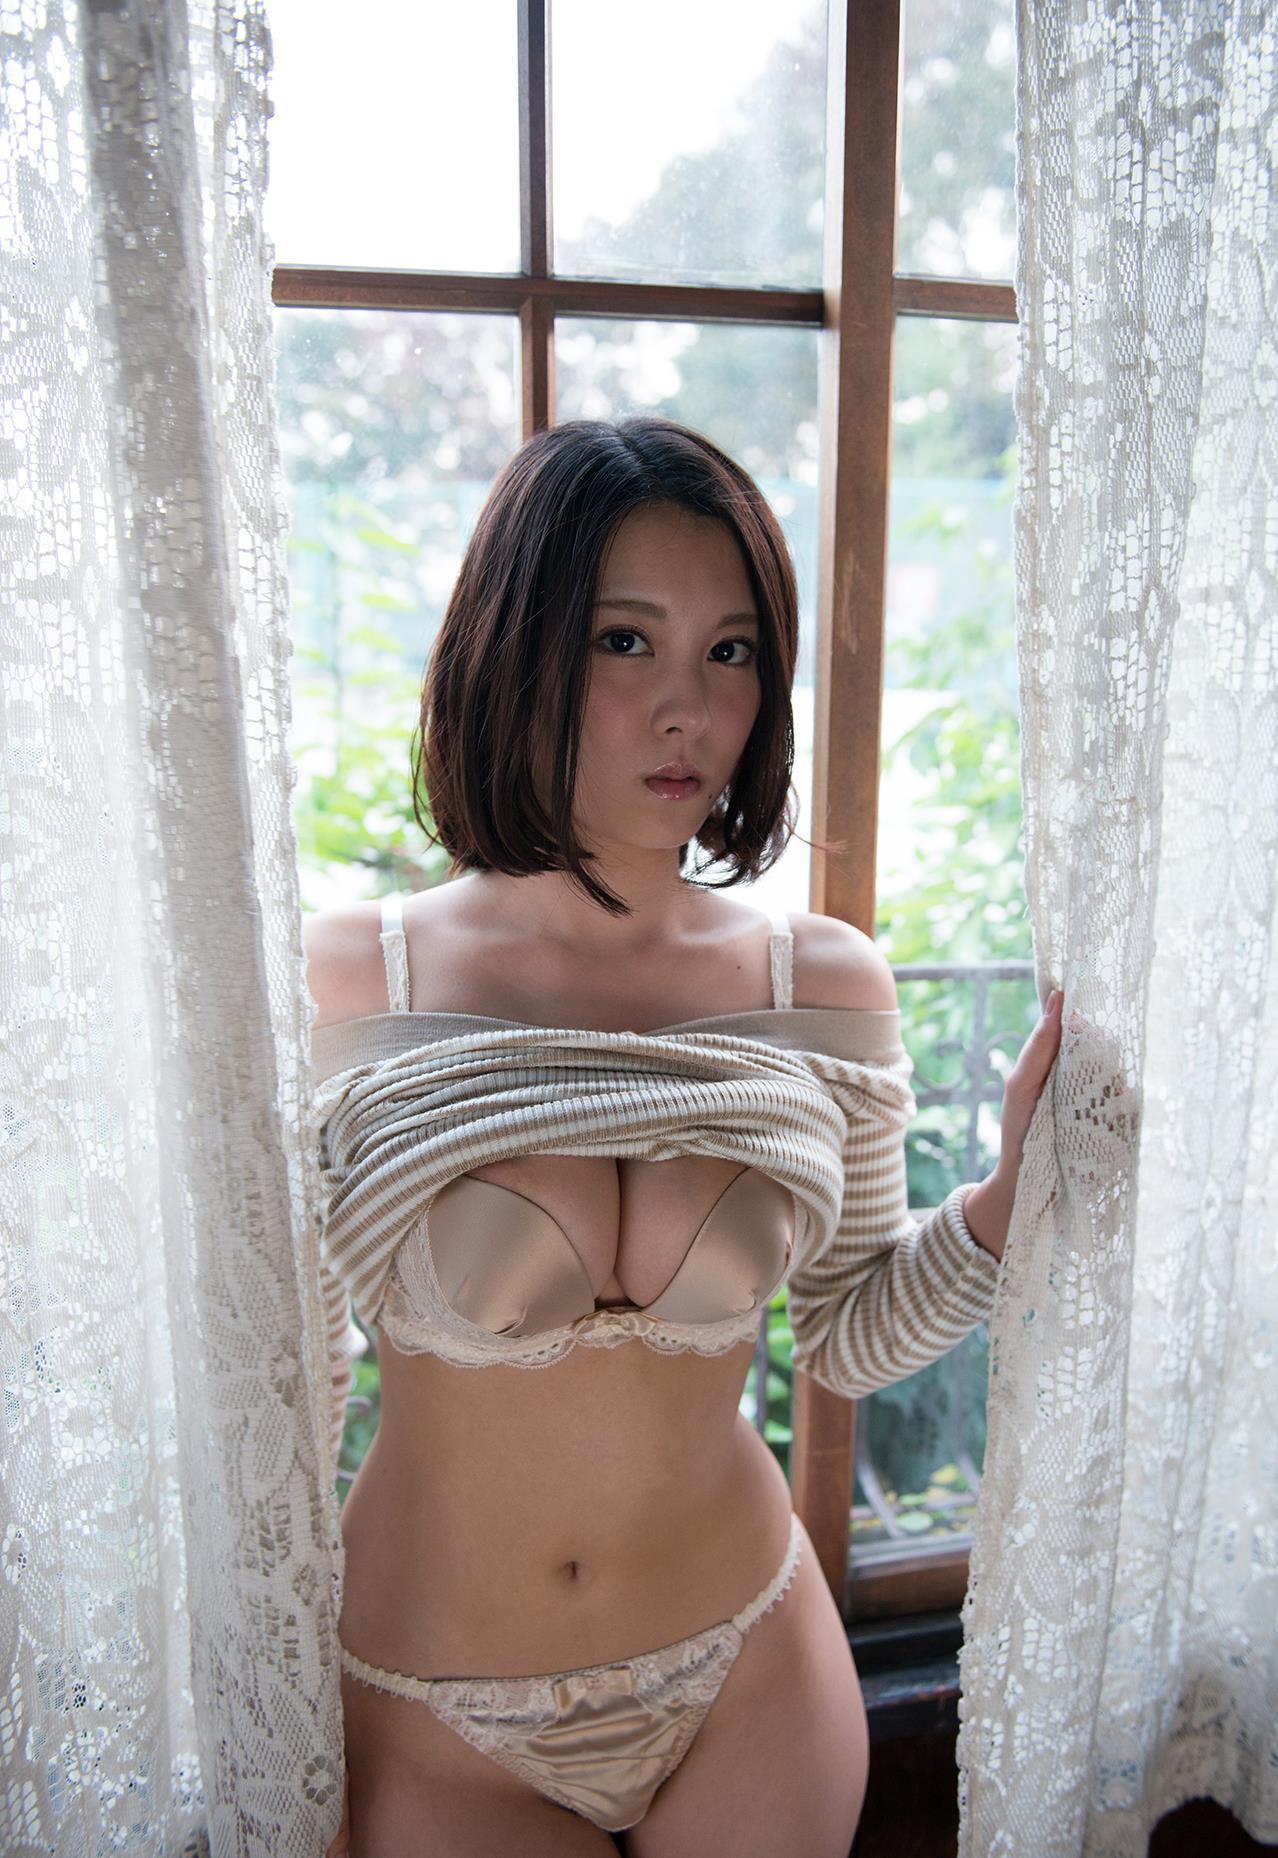 松岡ちな 画像 74